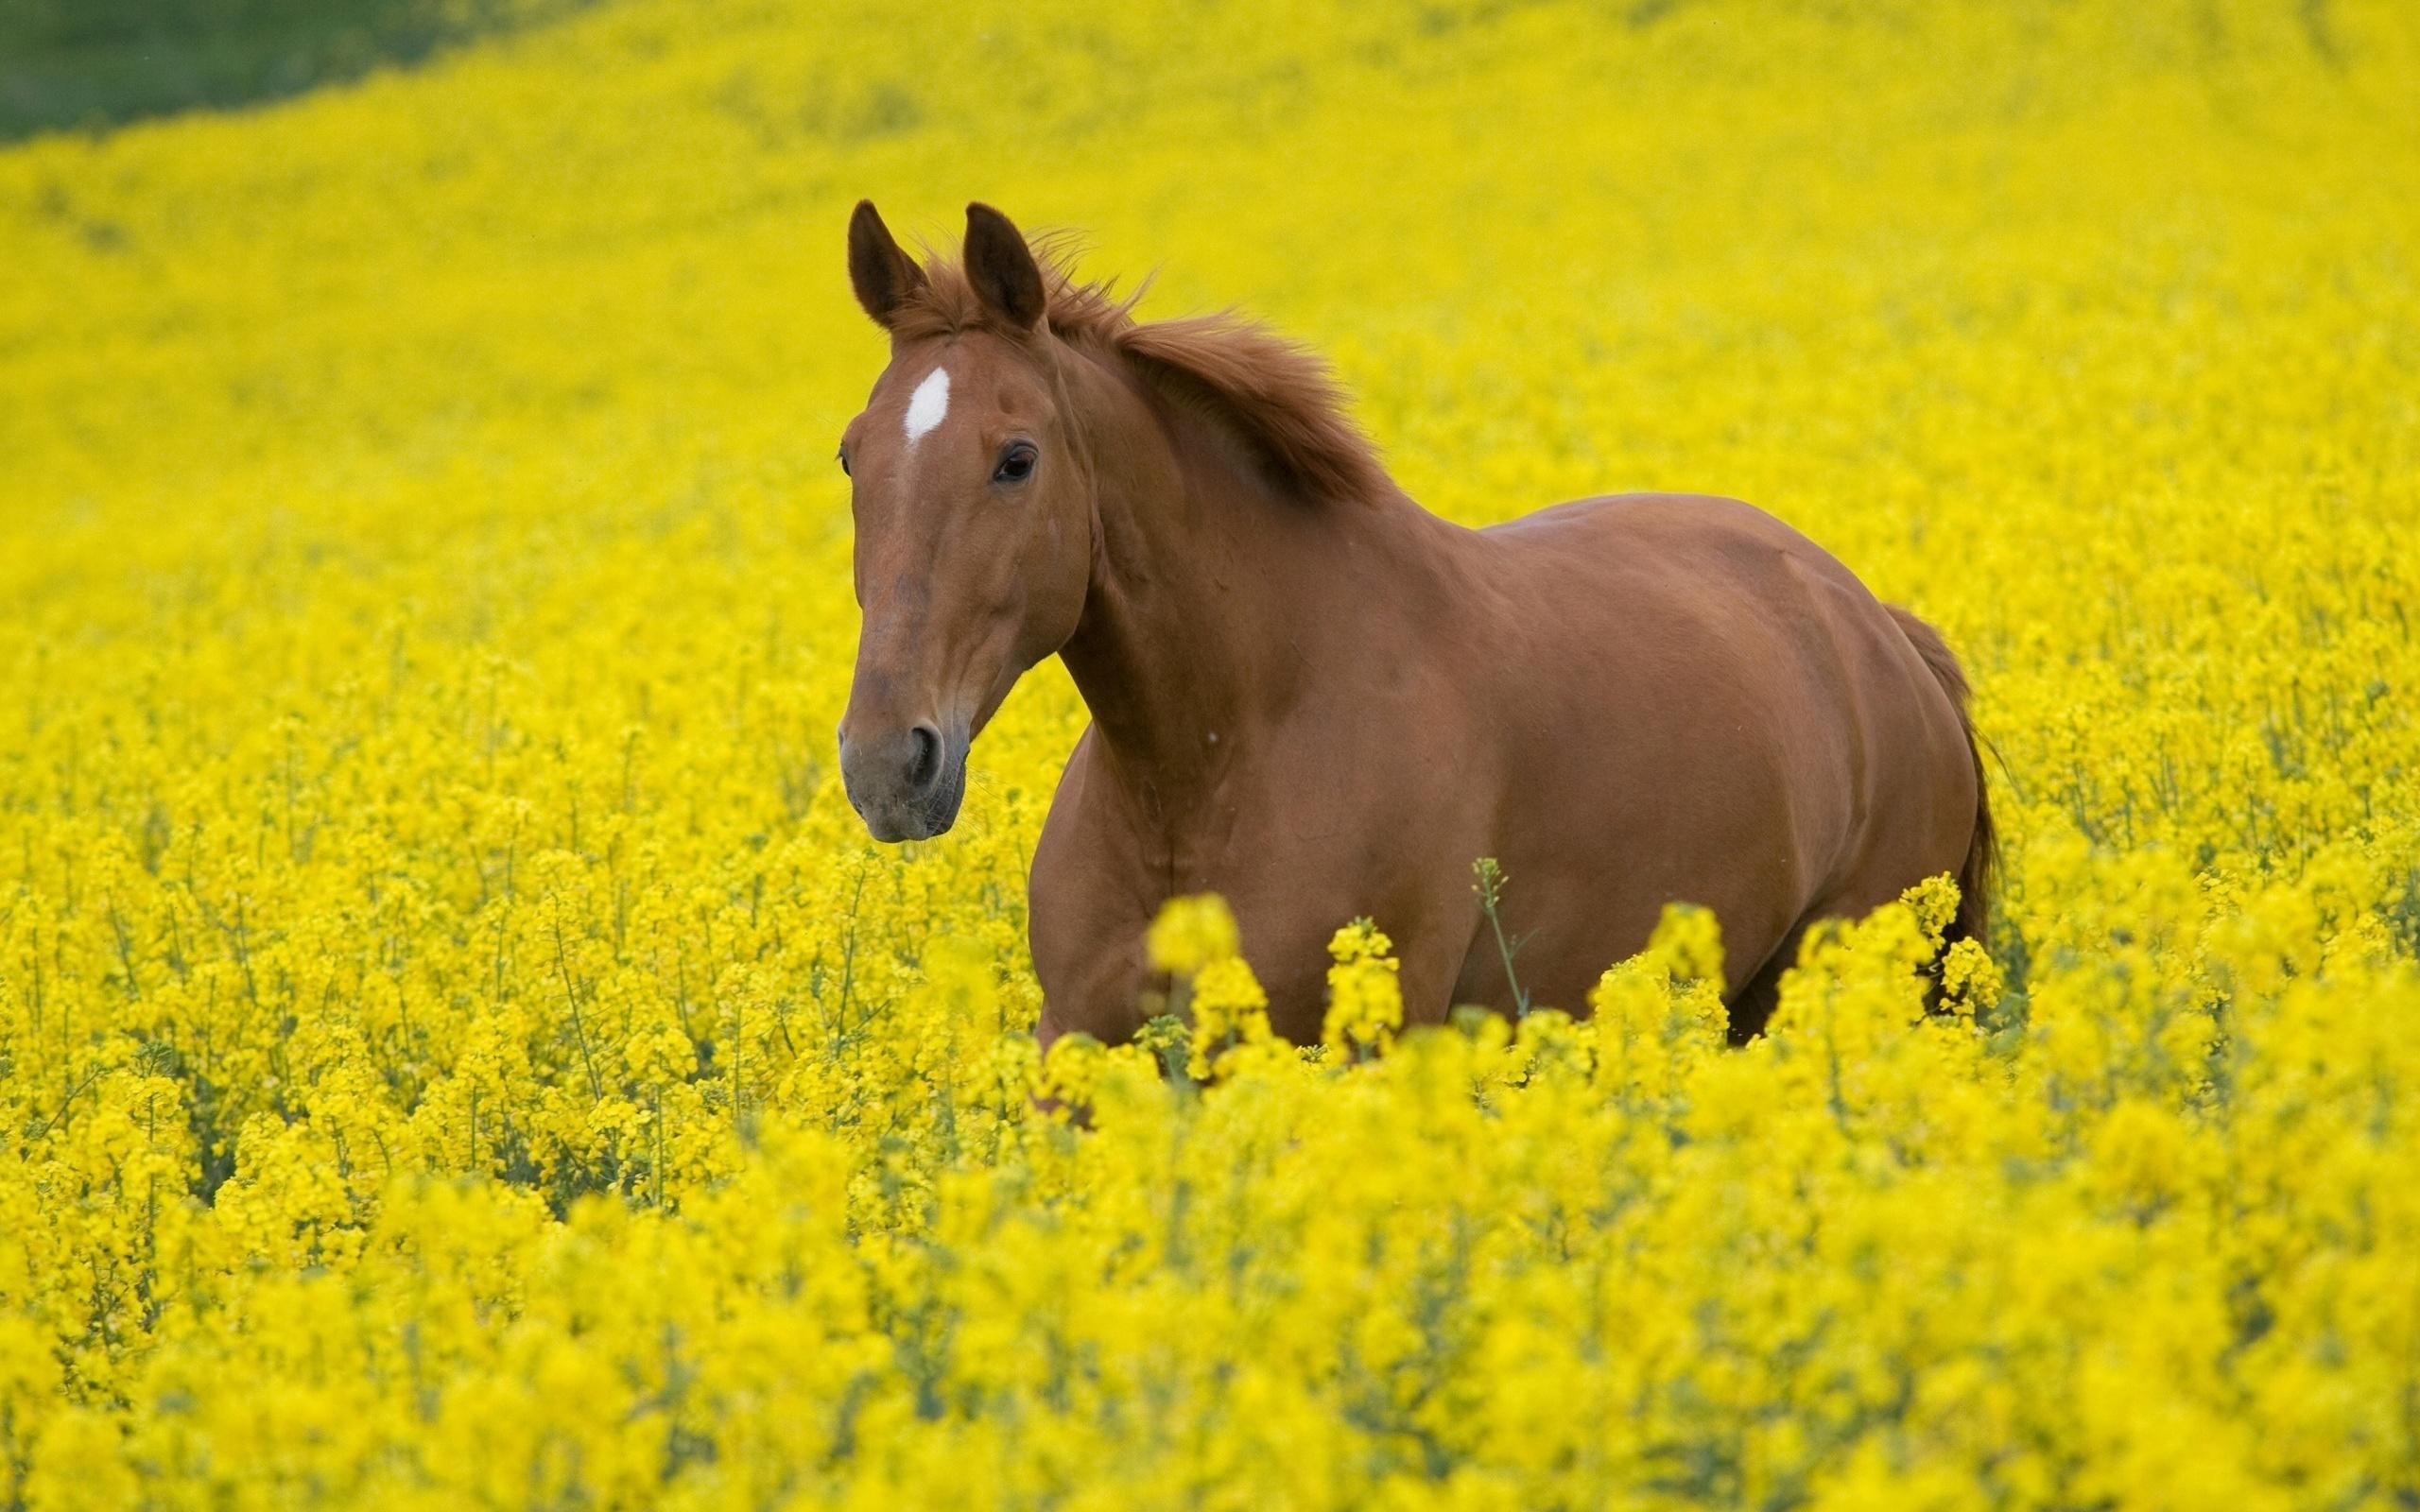 Красивые картинки с природой и животными, картинки начальника штаба